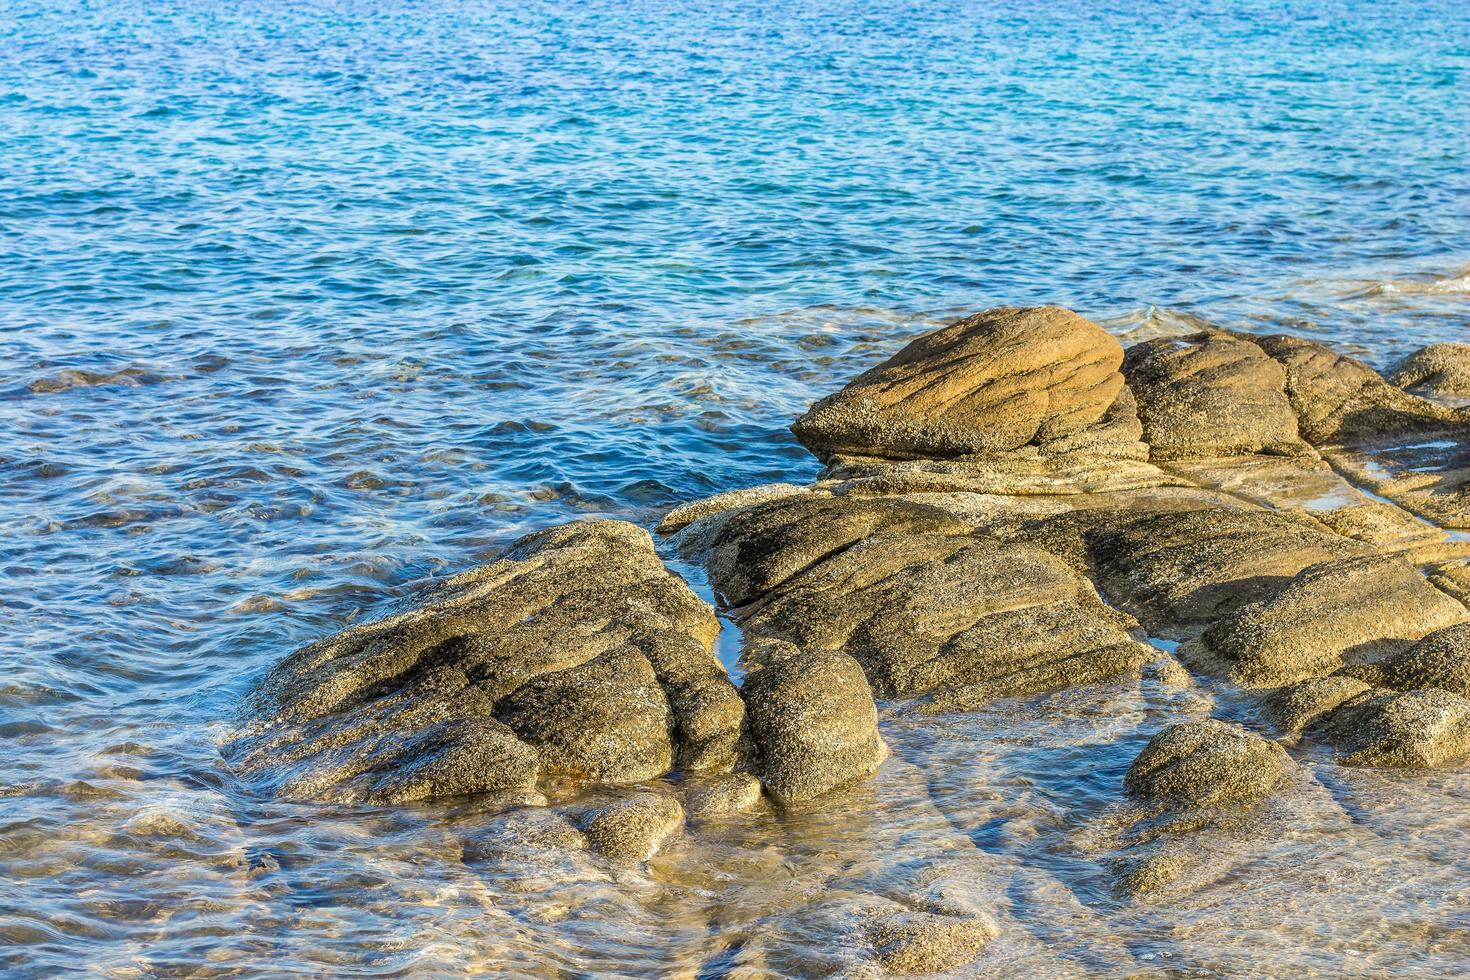 formazioni rocciose marroni nell'acqua foto